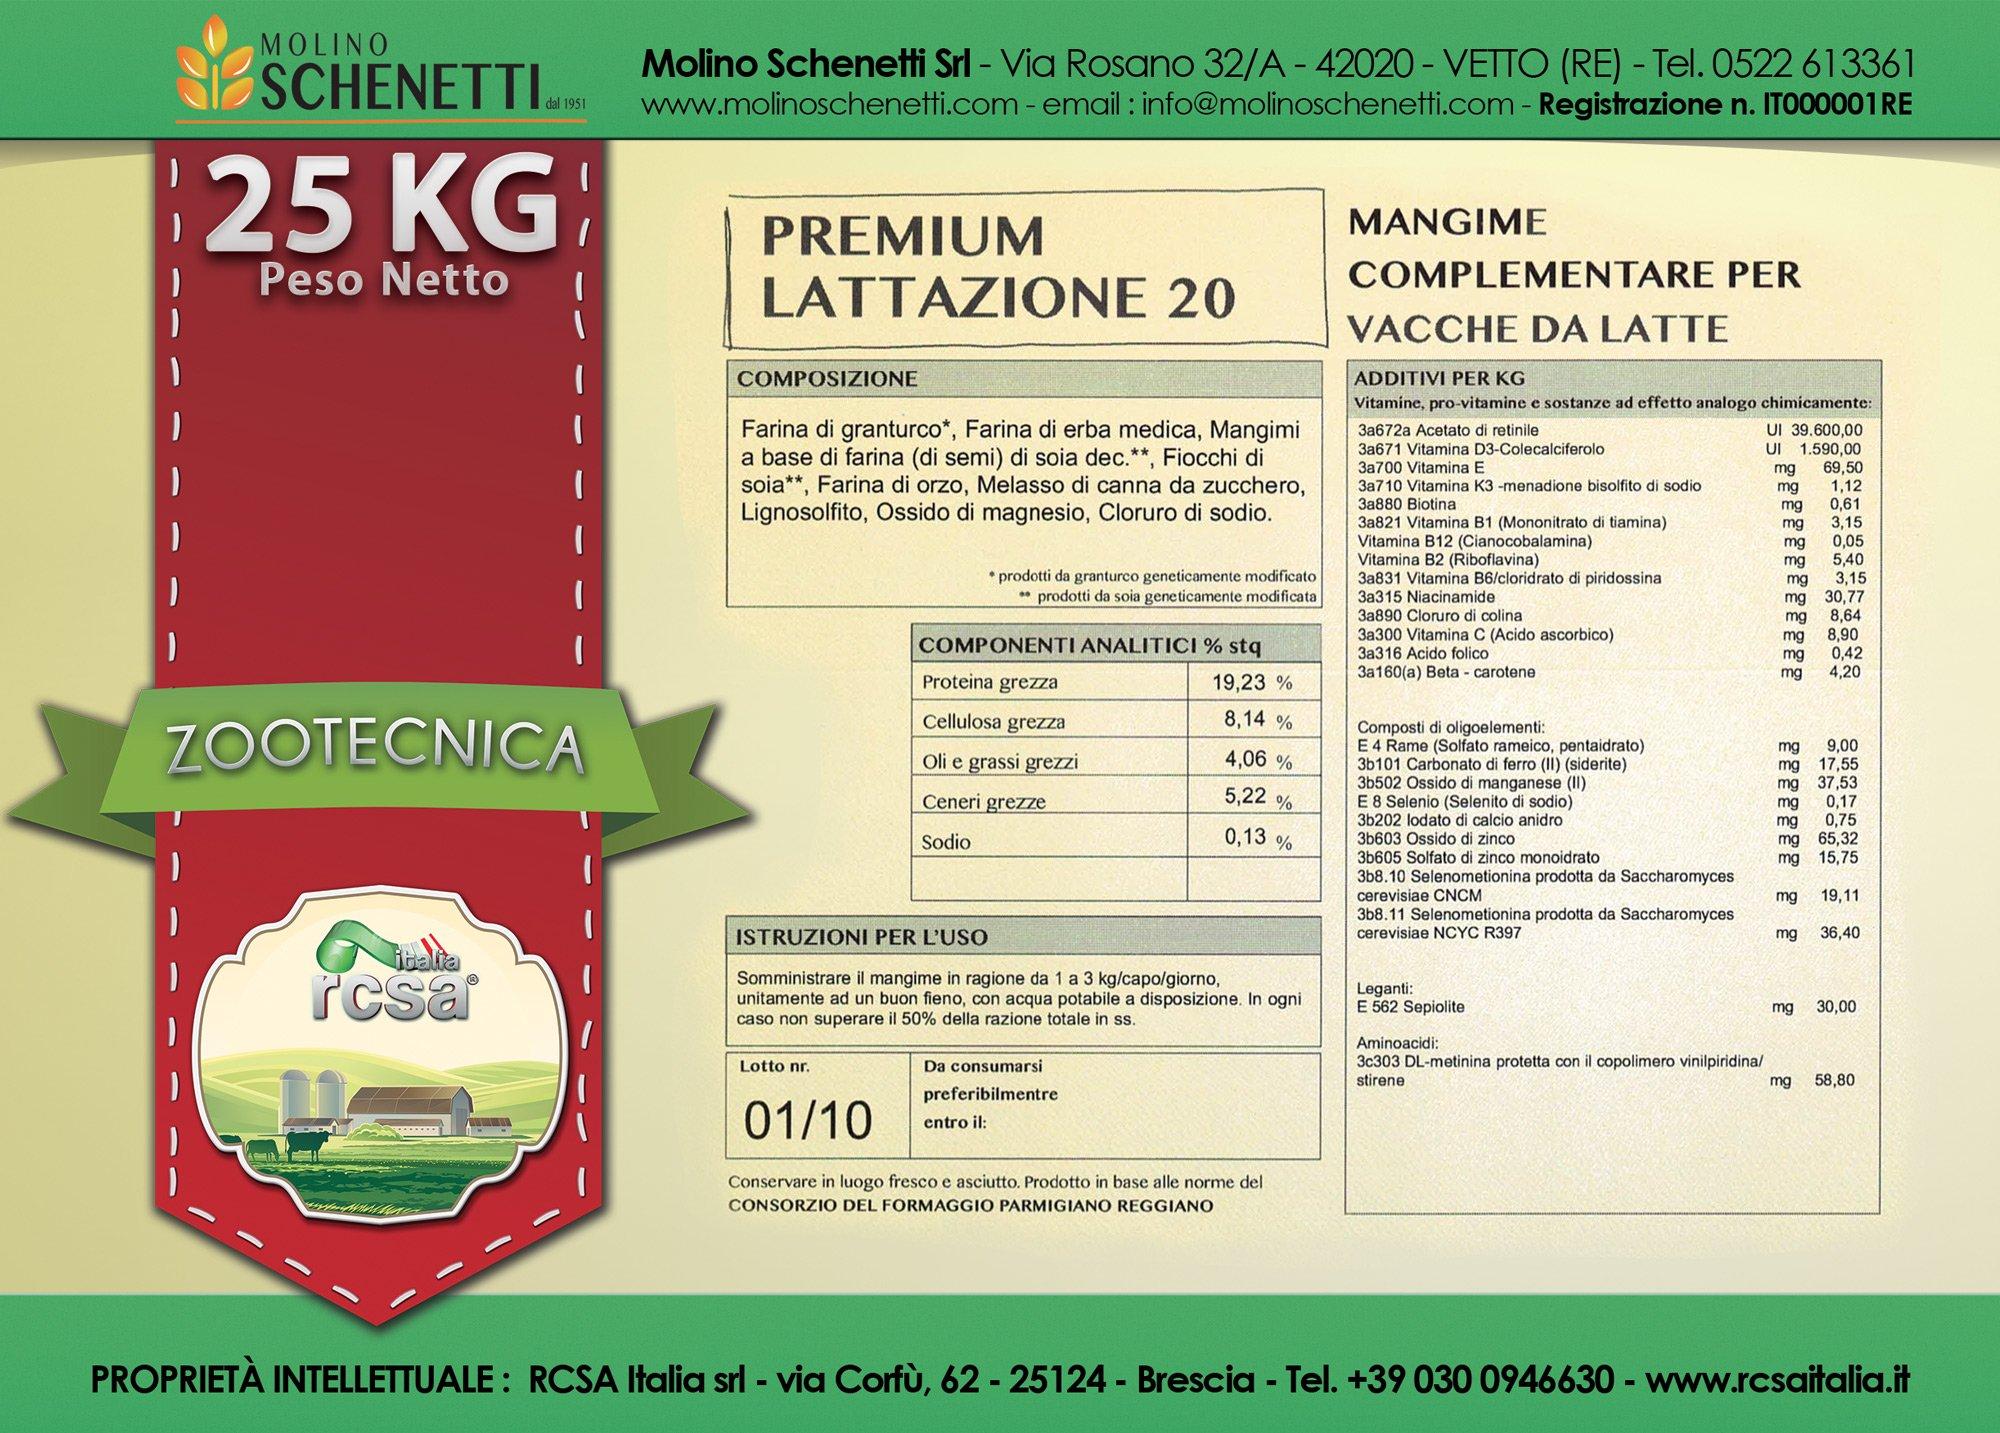 lattazione20